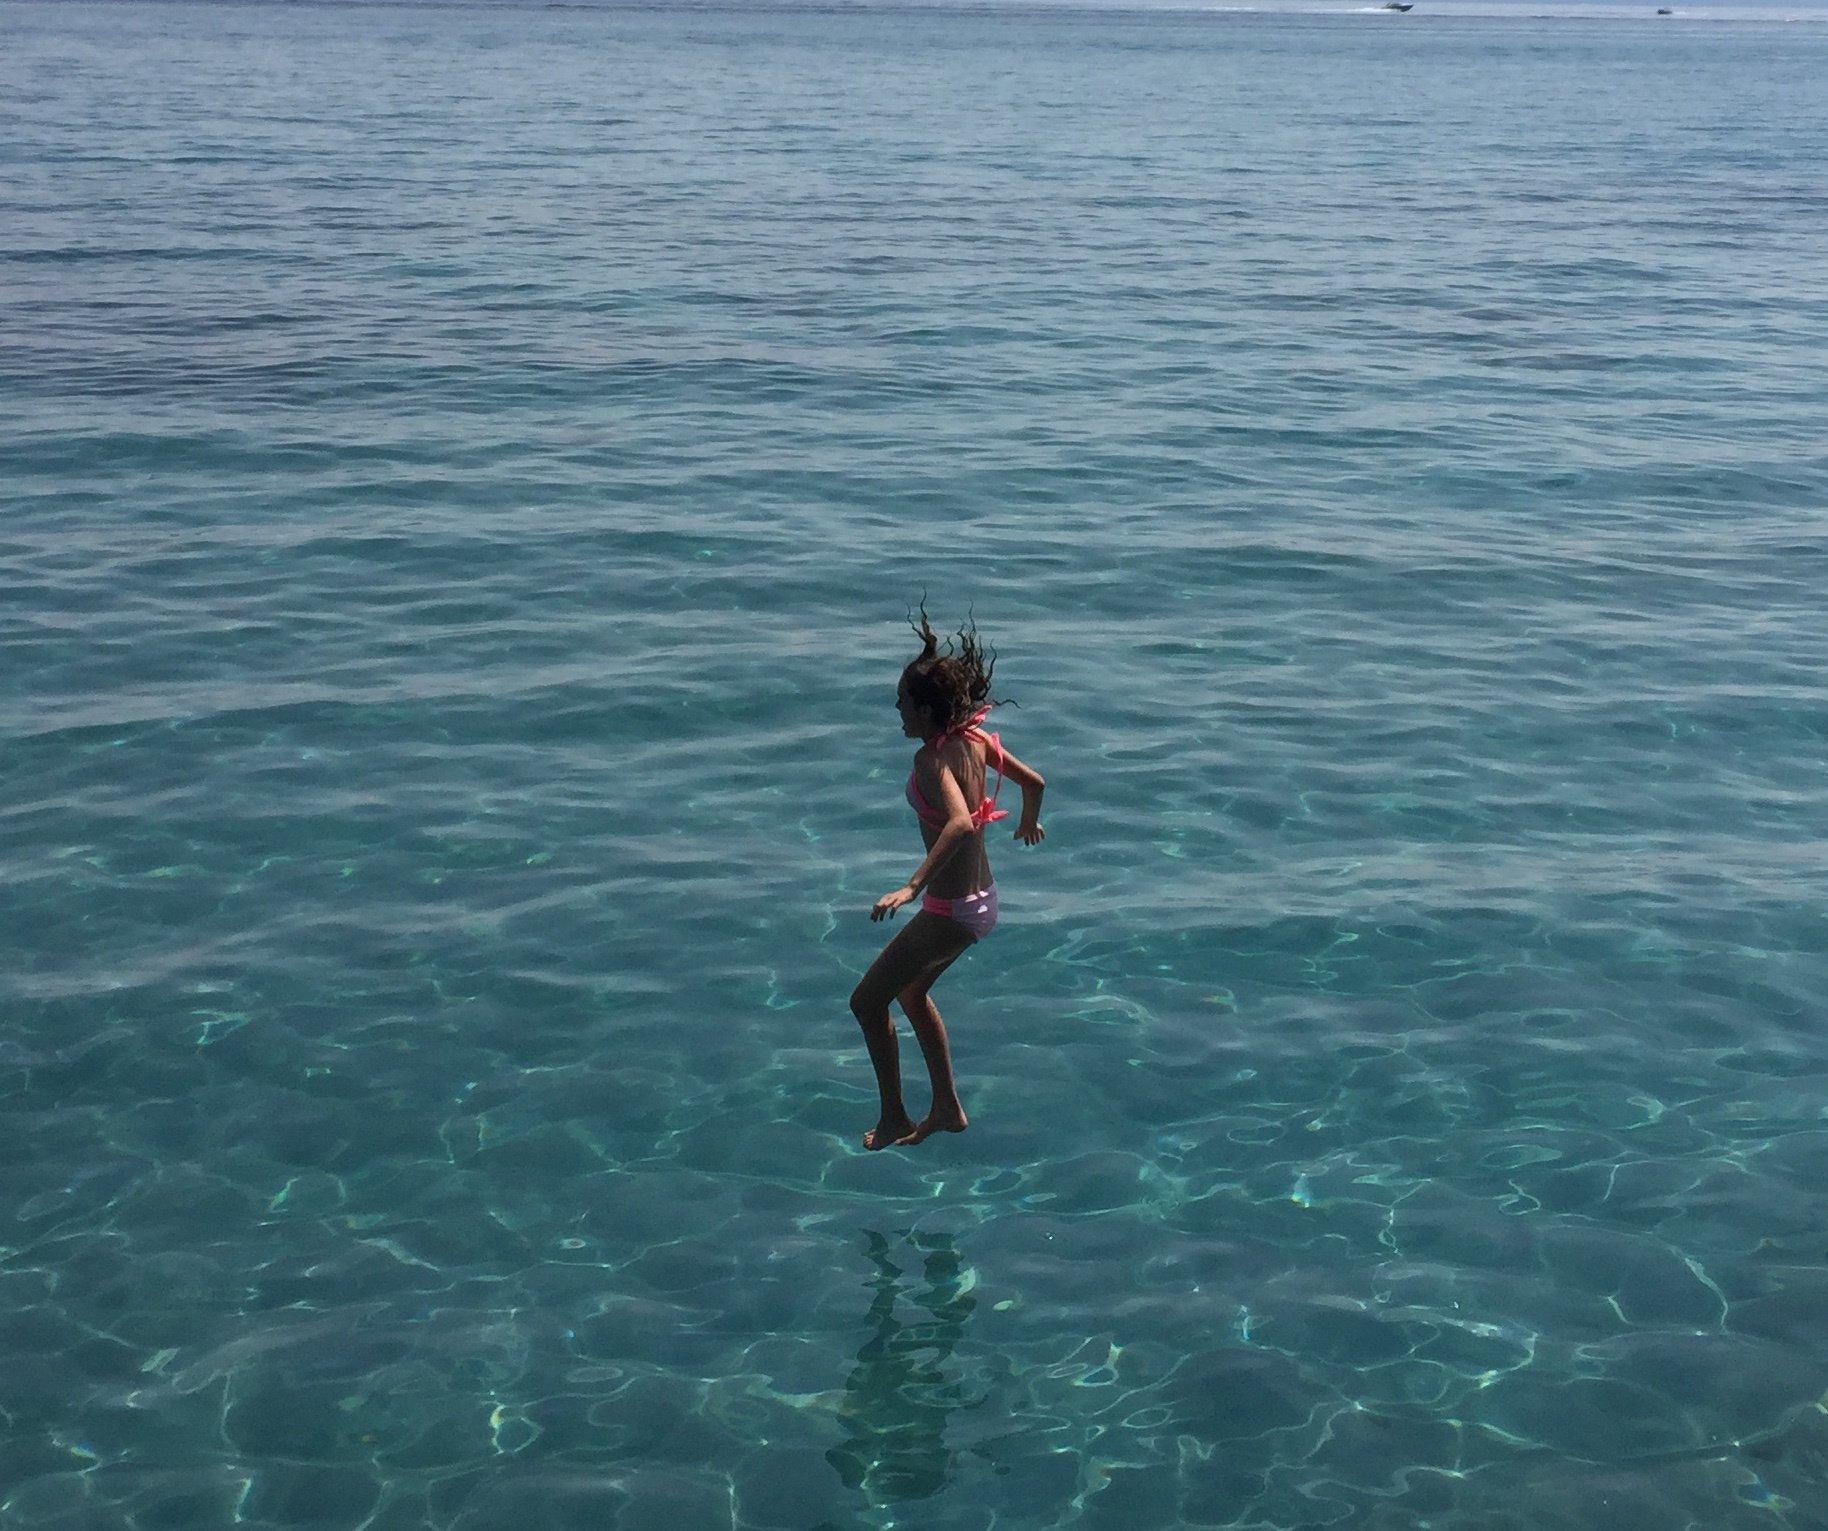 Jumping into Lake Tahoe